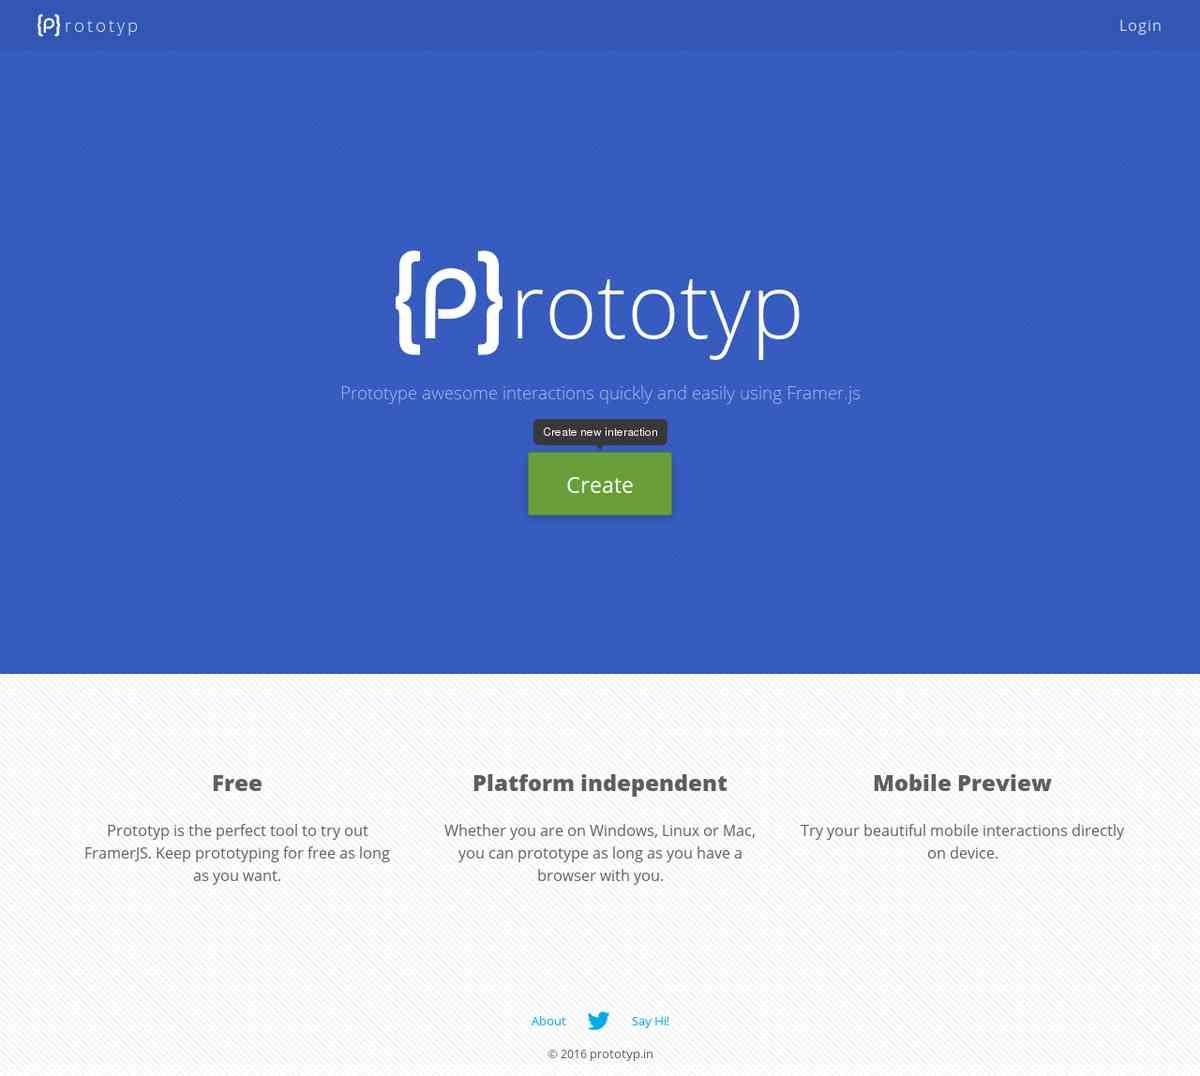 prototyp.in